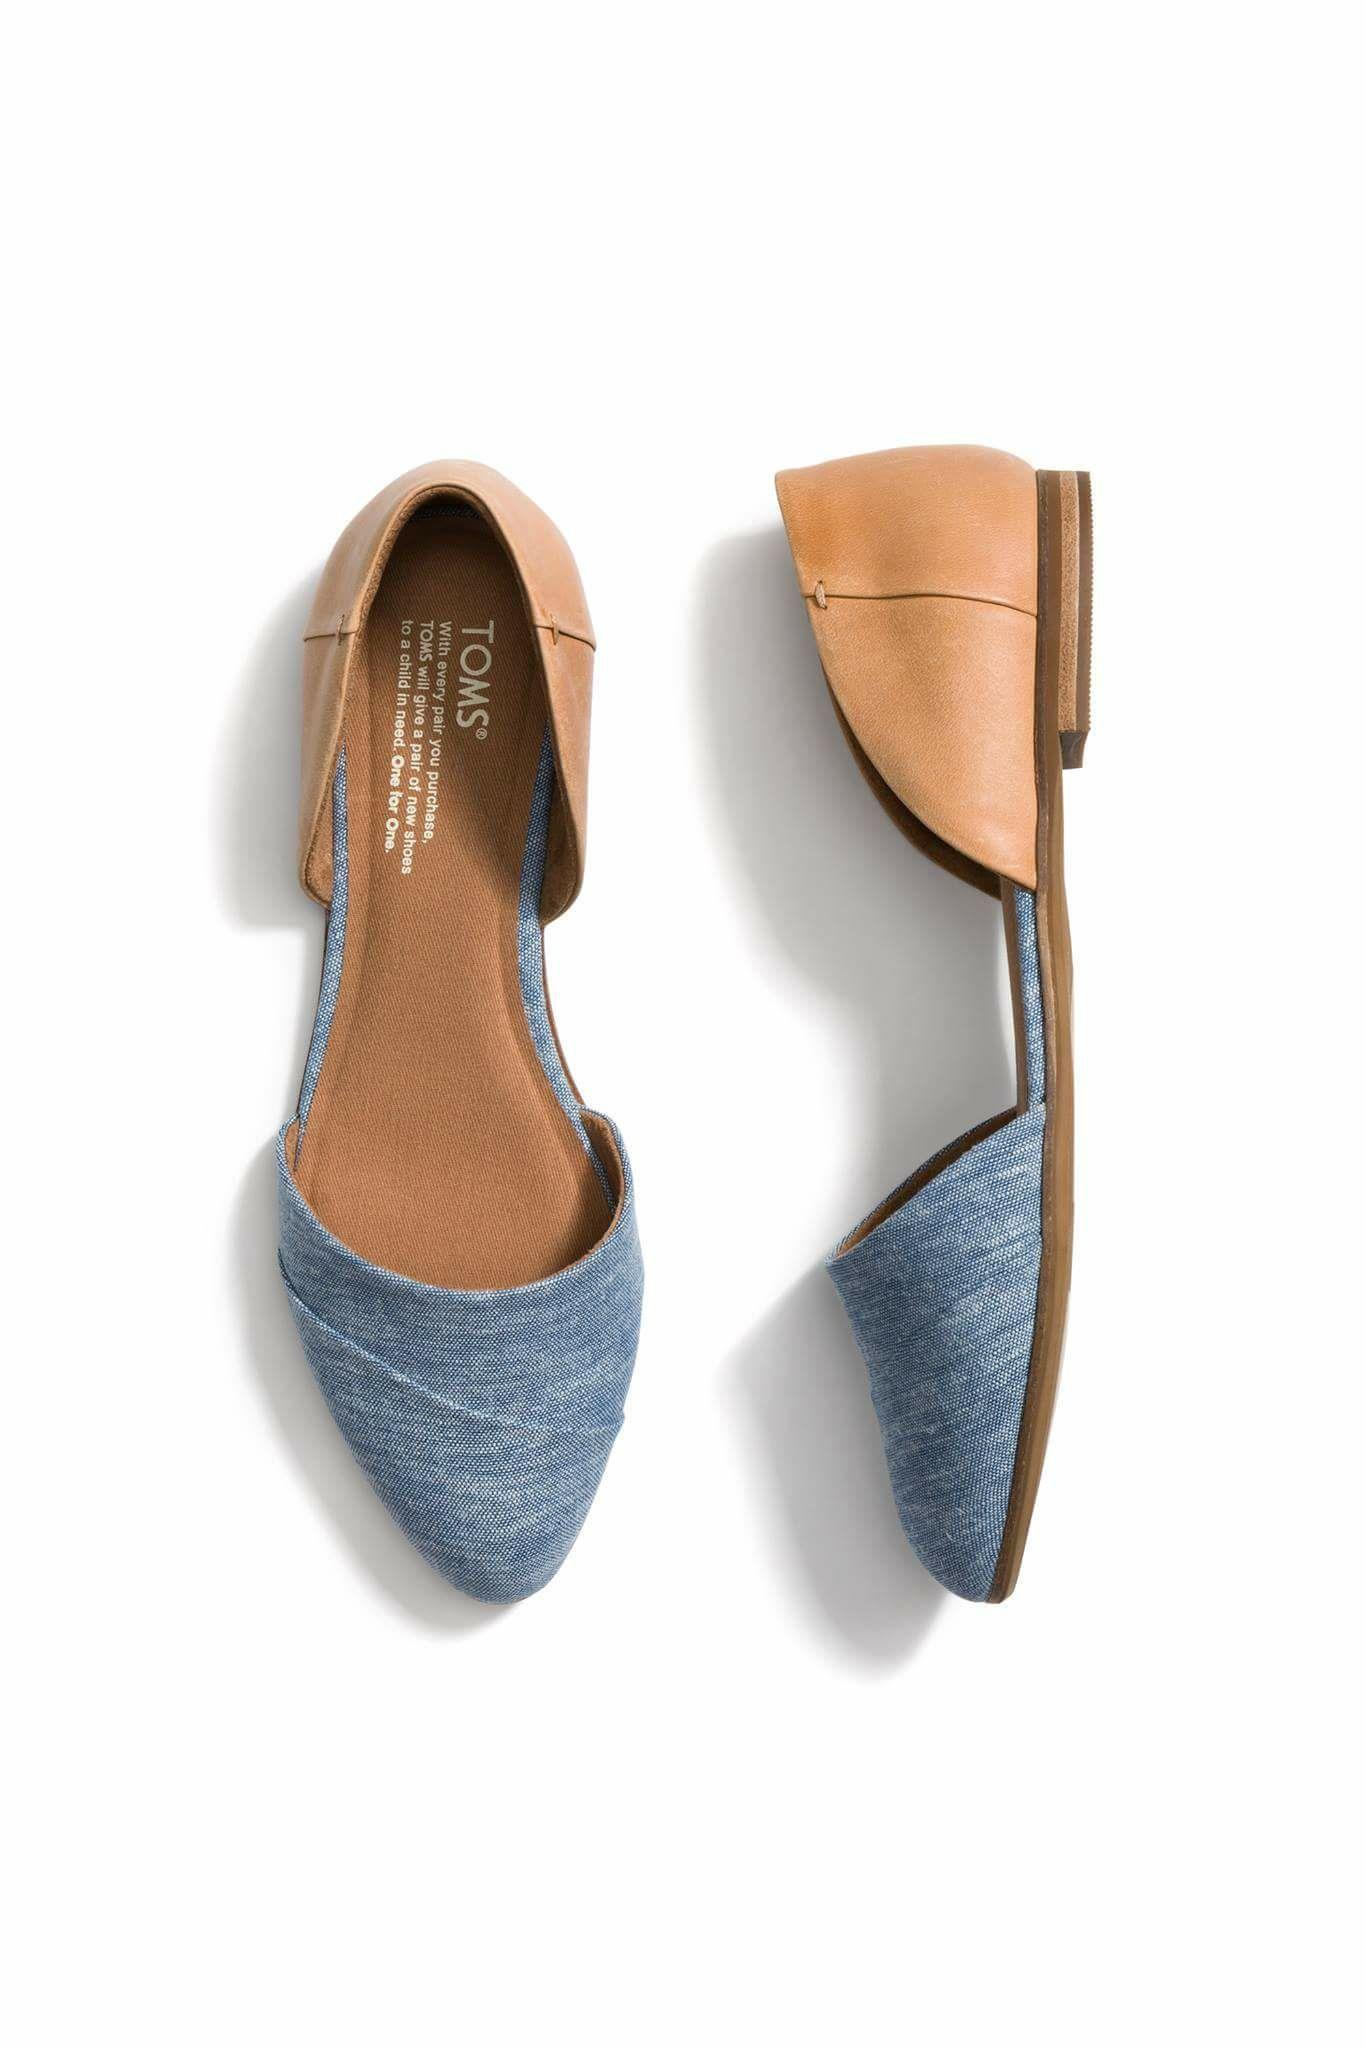 12+ Captivating Formal Shoe Ideas en 2019 | Chaussure